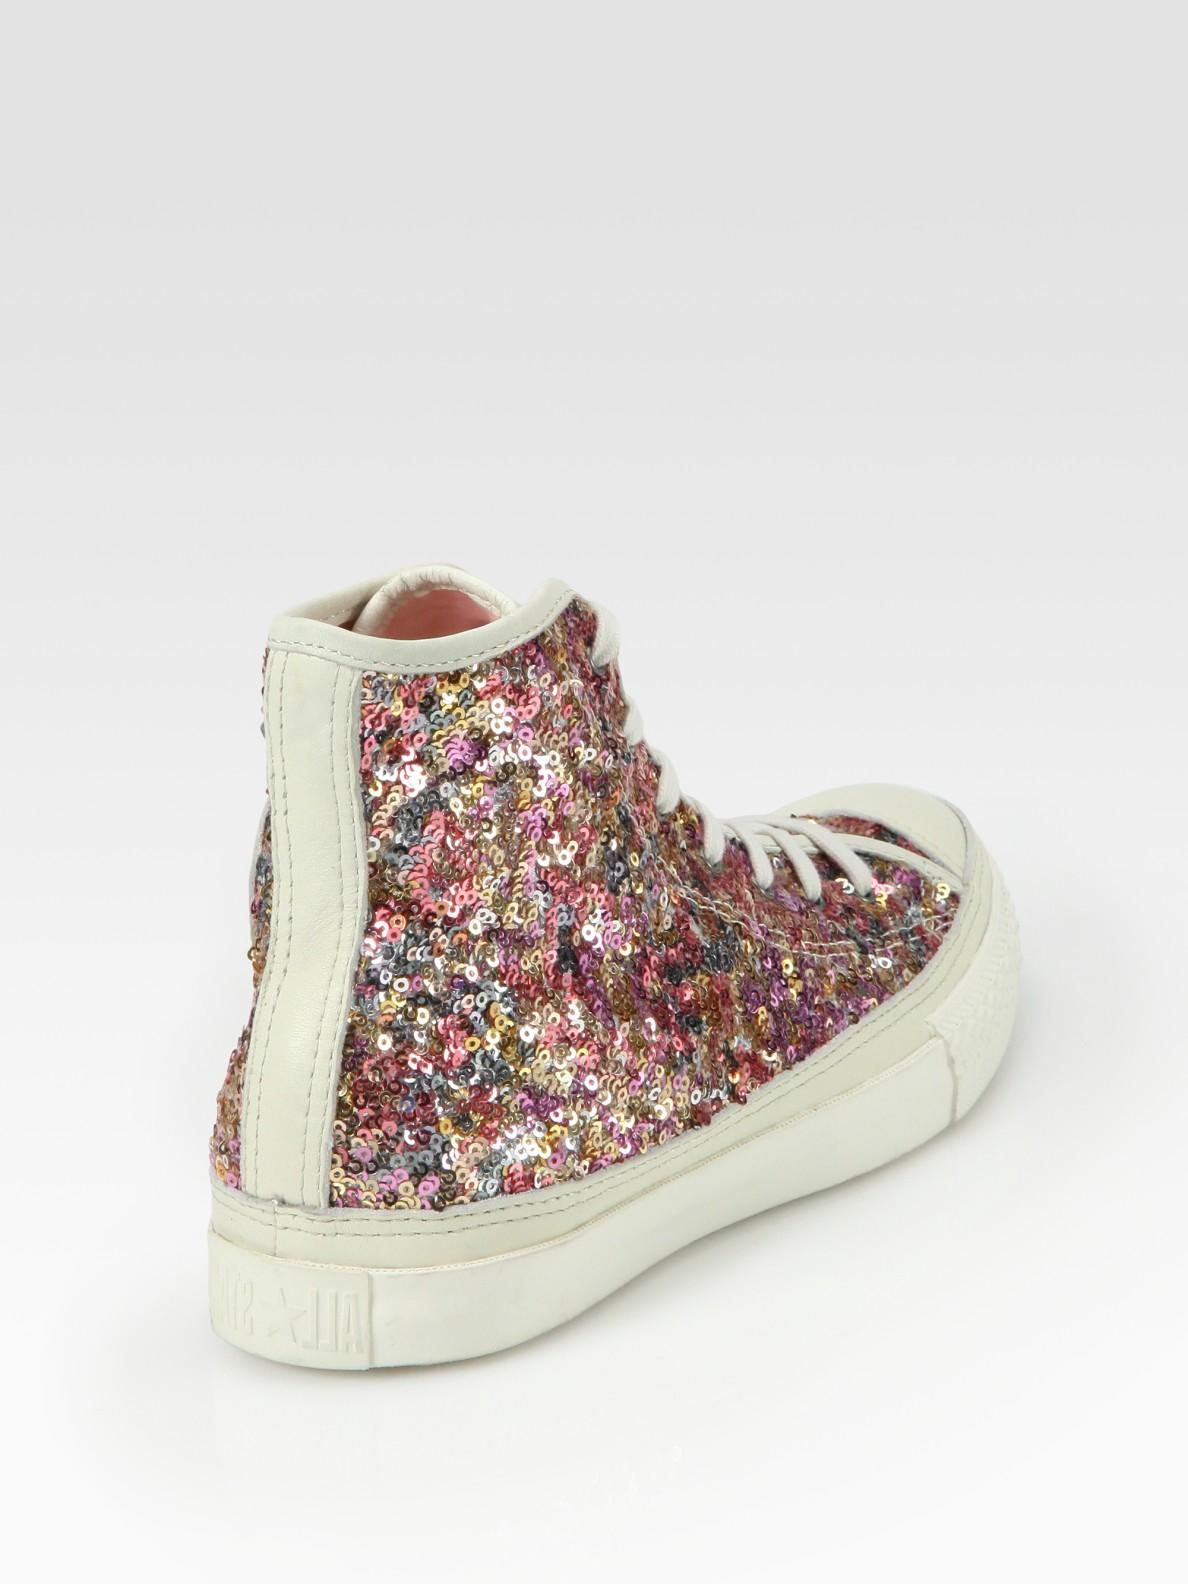 converse glitter high tops